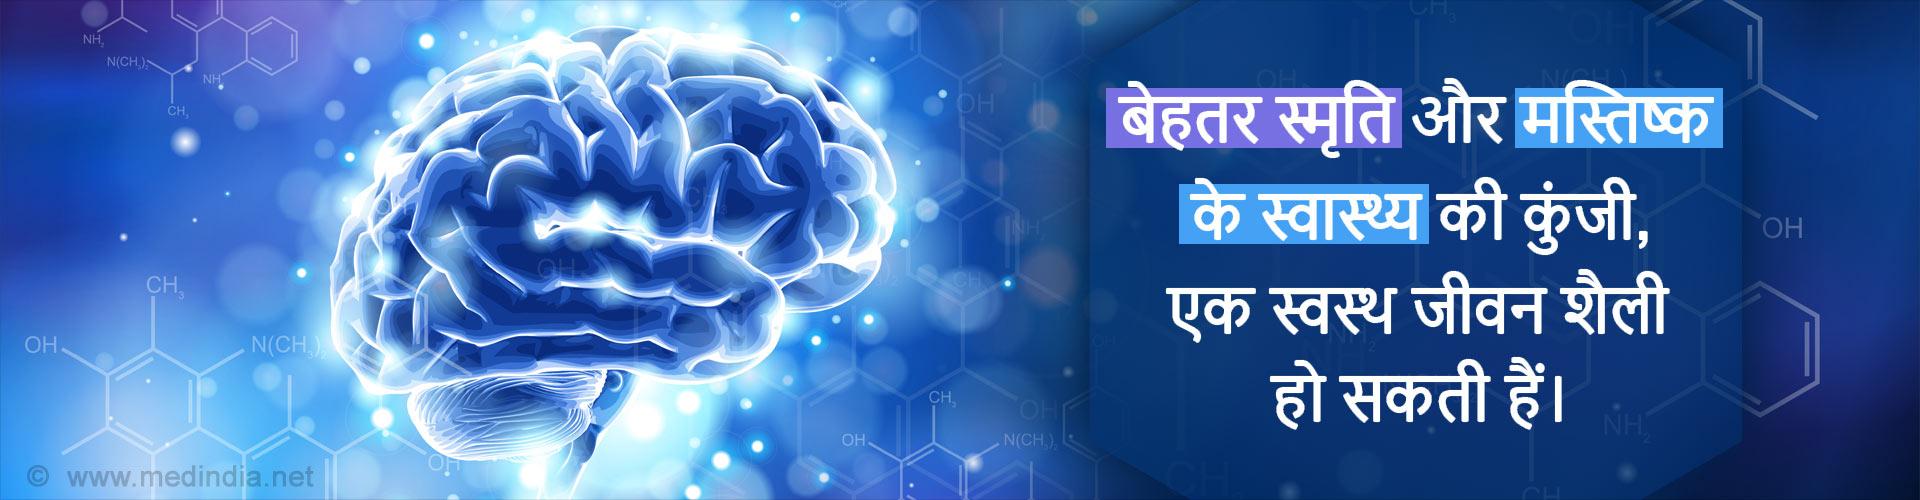 बेहतर स्मृति और मस्तिष्क के स्वास्थ्य की कुंजी, एक स्वस्थ जीवन शैली हो सकती हैं।